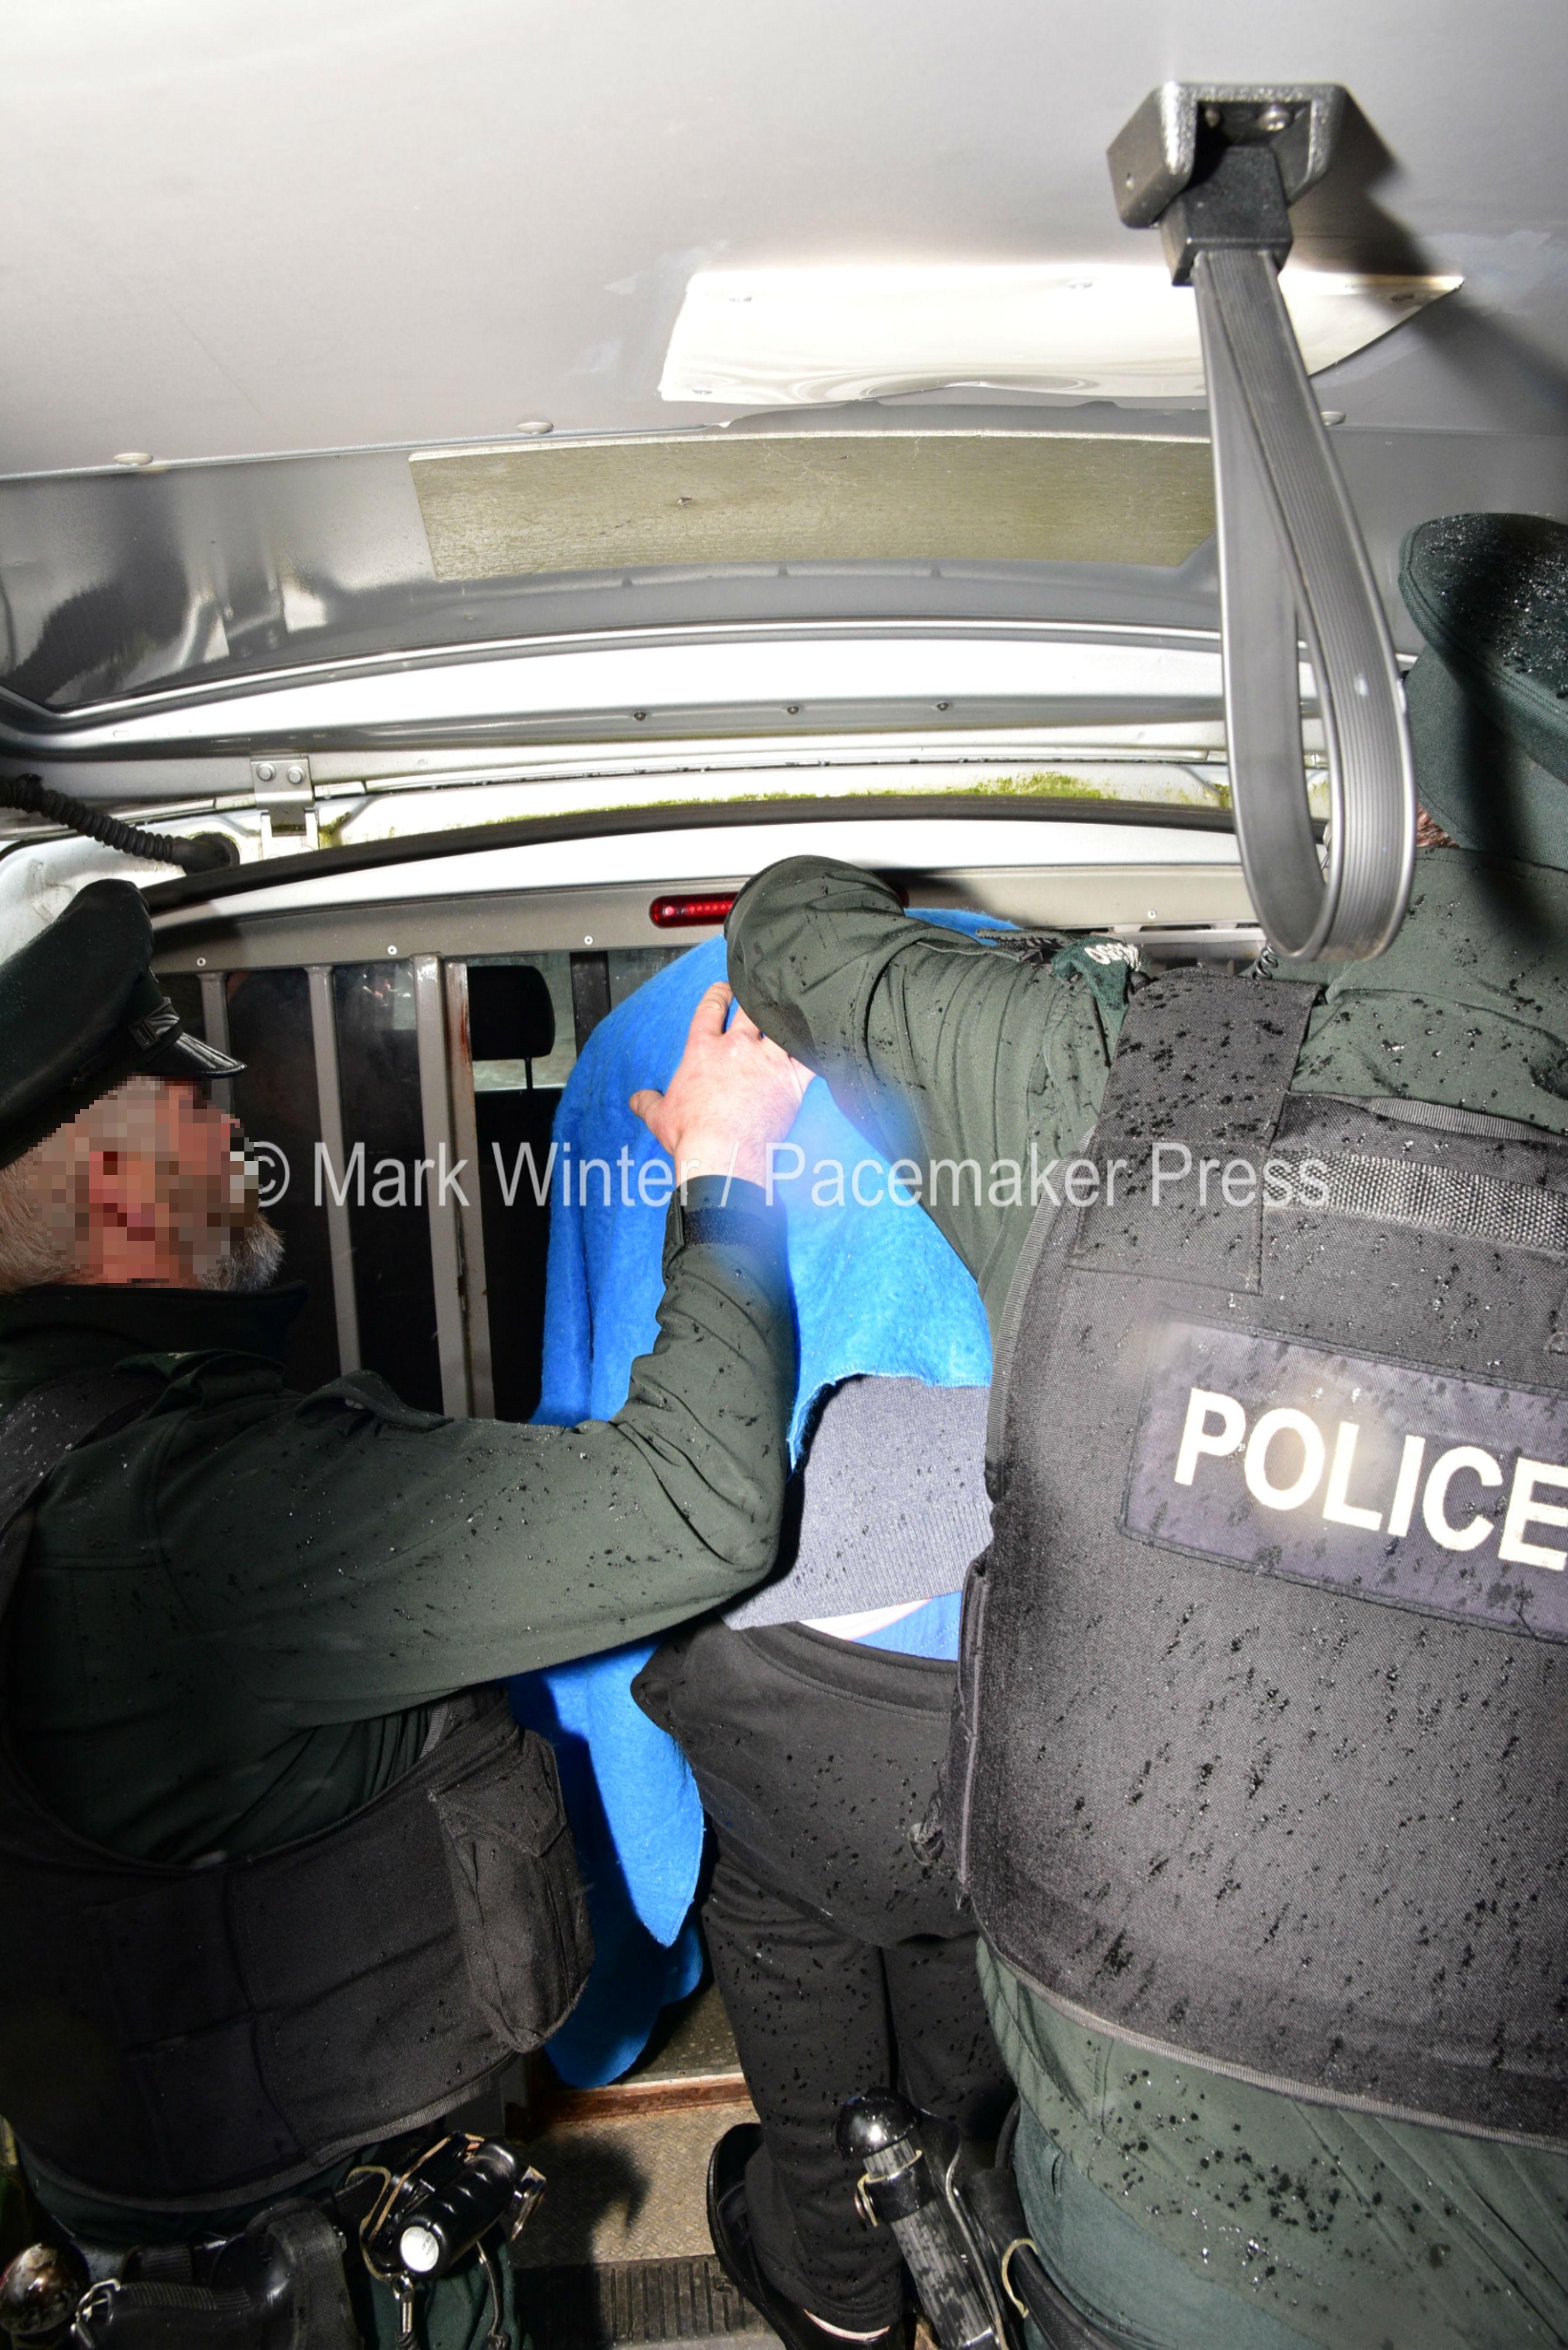 Accused taken away